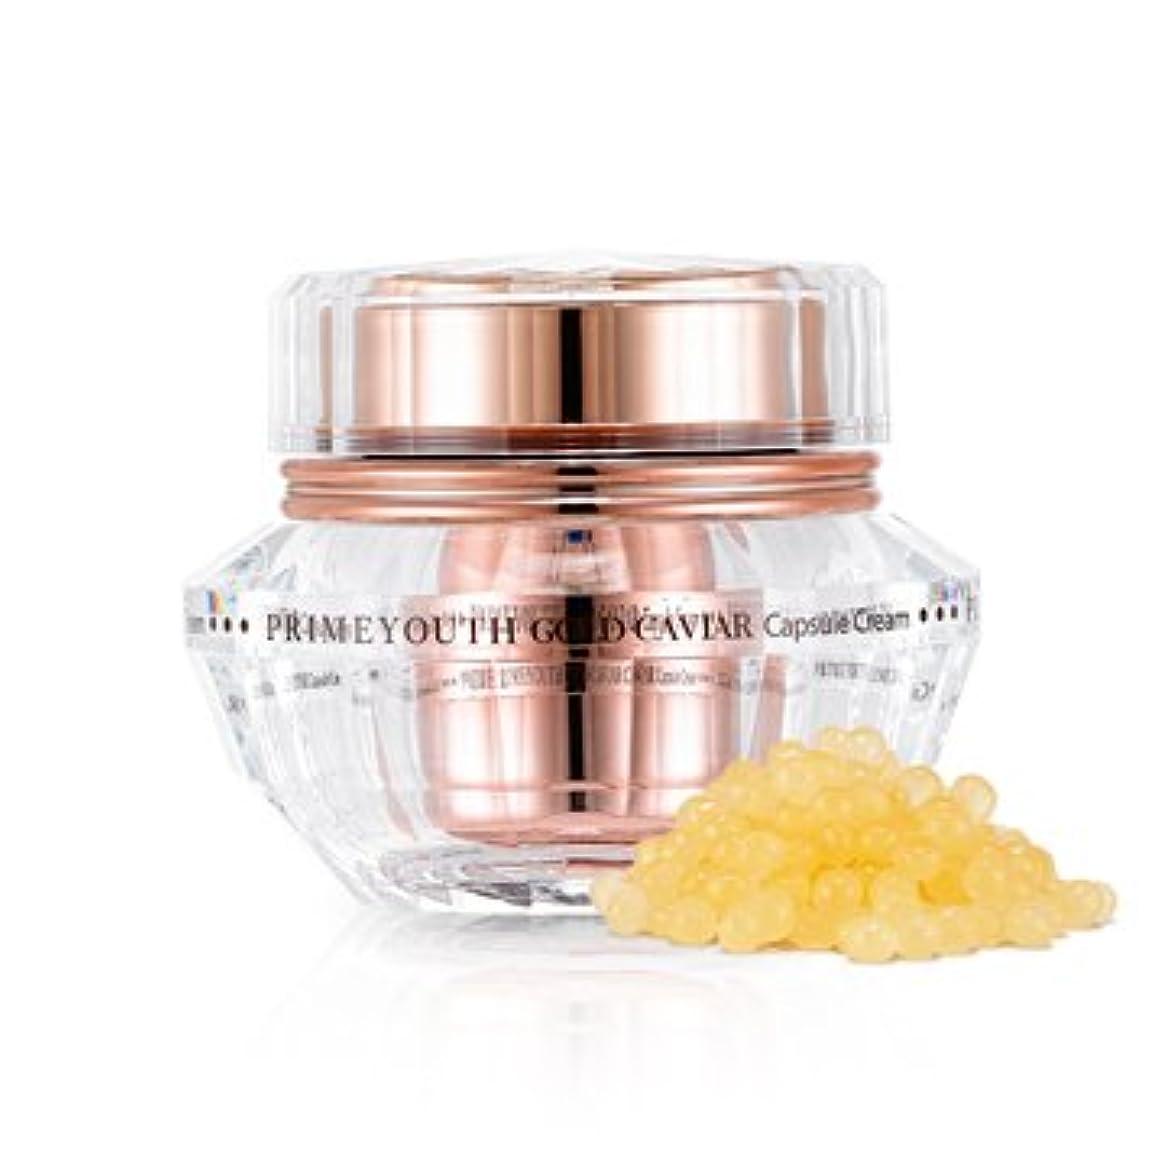 晴れ歴史クライマックス[New] Holika Holika Prime Youth Gold Caviar Capsule Cream 50g/ホリカホリカ プライム ユース ゴールド キャビア カプセル クリーム 50g